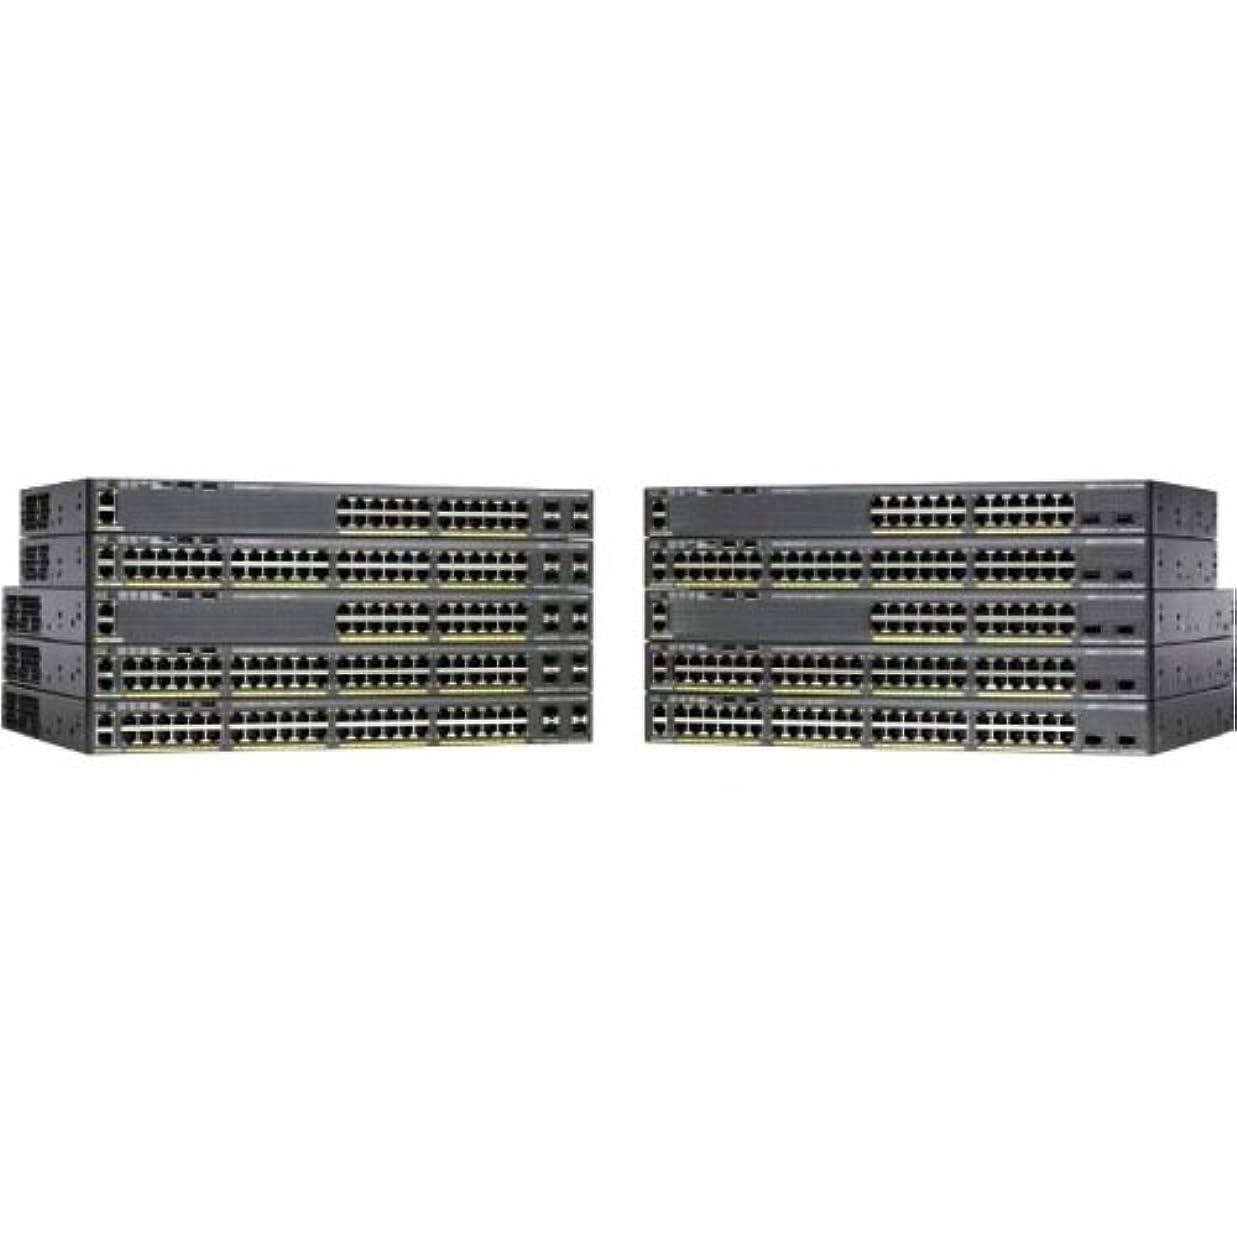 センブランス細菌送料Cisco Catalyst 2960Xr-24Ts-I - Switch - L3 - Managed - 24 X 10/100/1000 + 4 X Sfp - Desktop, Rack-Mountable Product Type: Networking/Lan Hubs & Switches by Unknown